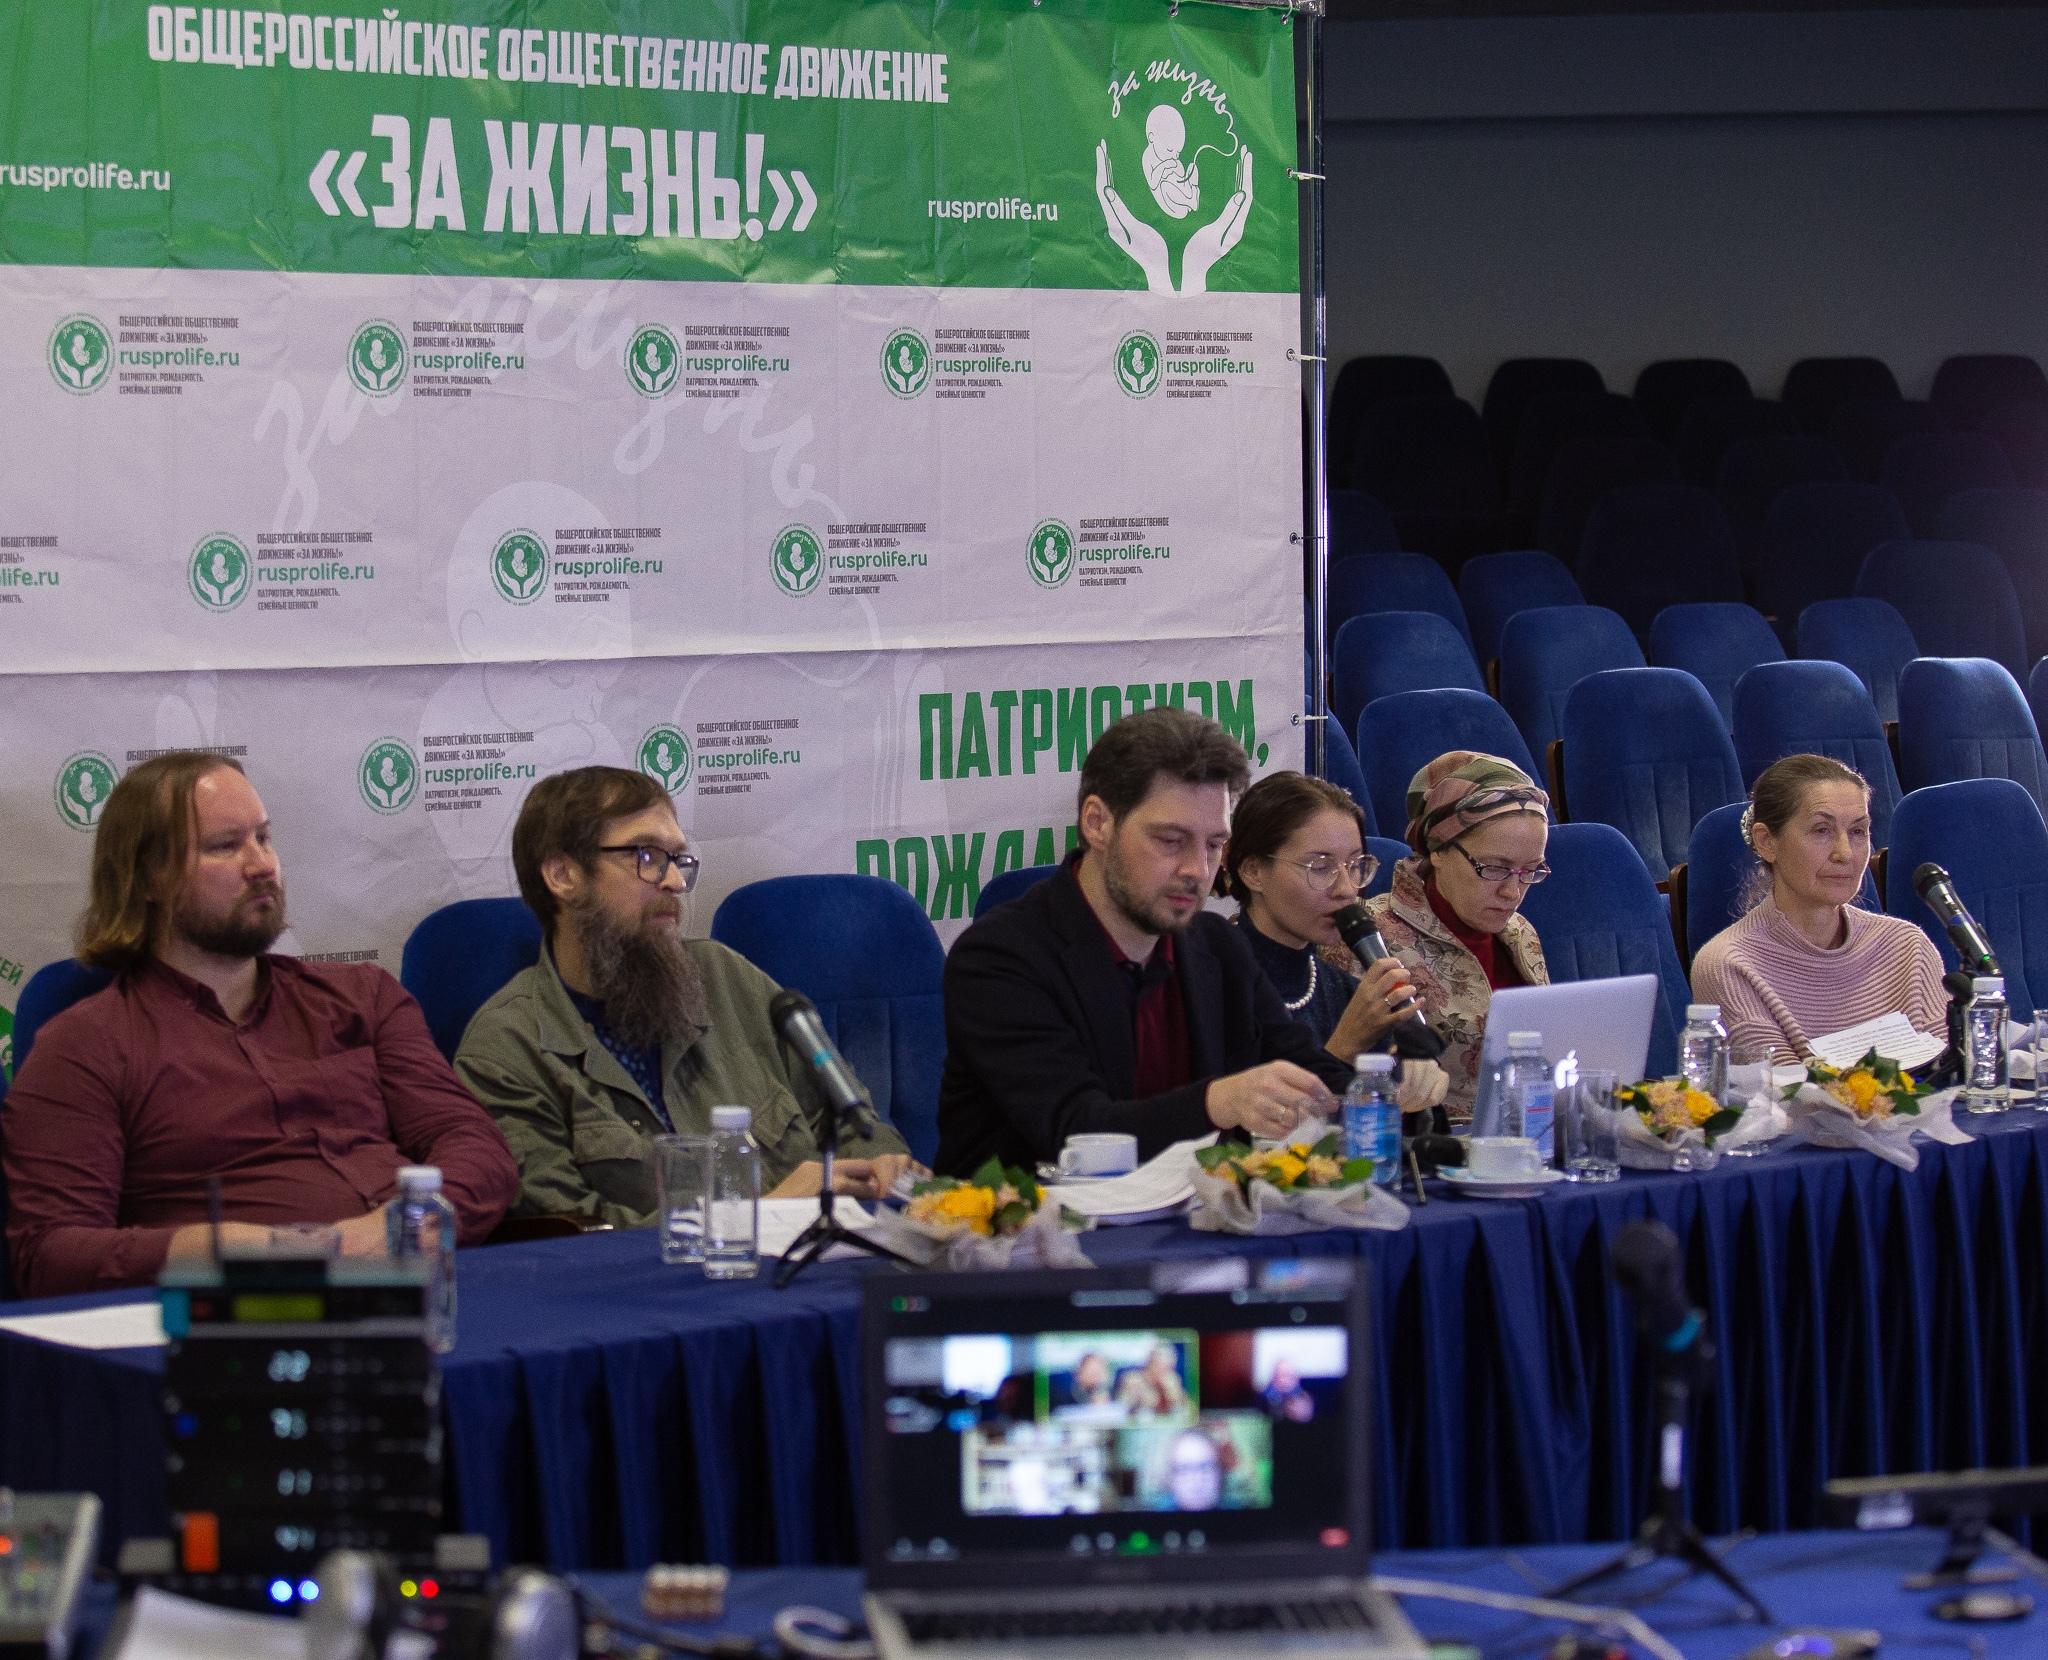 2-3 дни демографического форума «Генерация-2050»